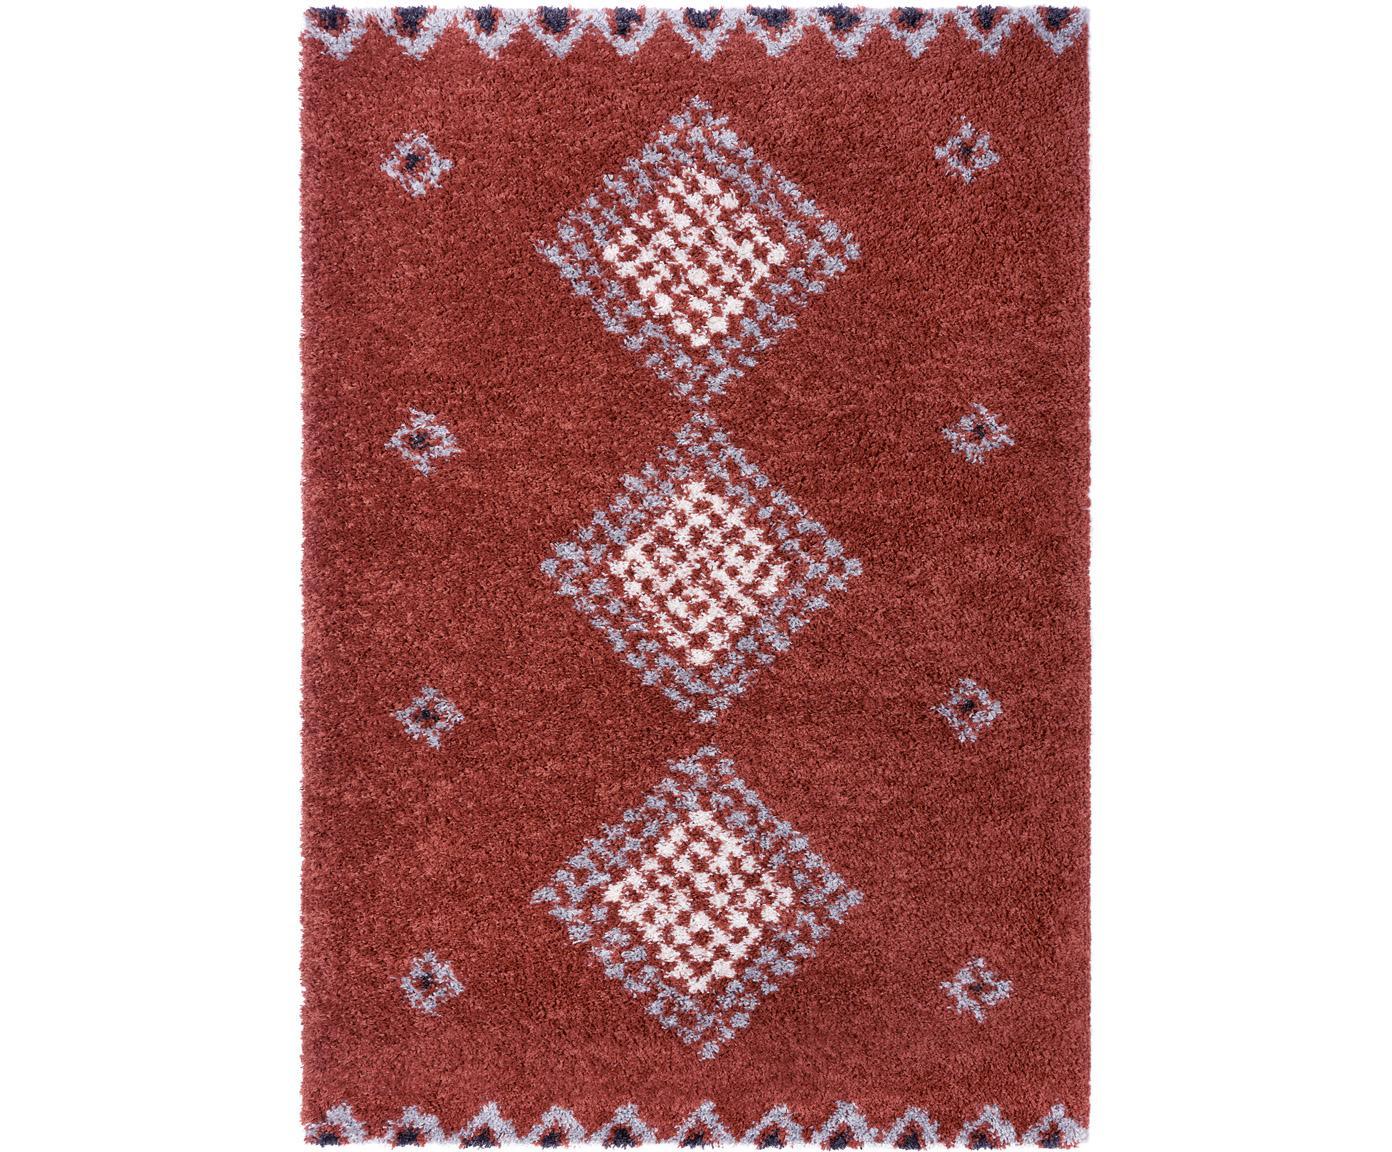 Hochflor-Teppich Cassia mit Ethnomuster, 100% Polypropylen, Rostbraun, Grau, Cremefarben, Schwarz, B 80 x L 150 cm (Größe XS)